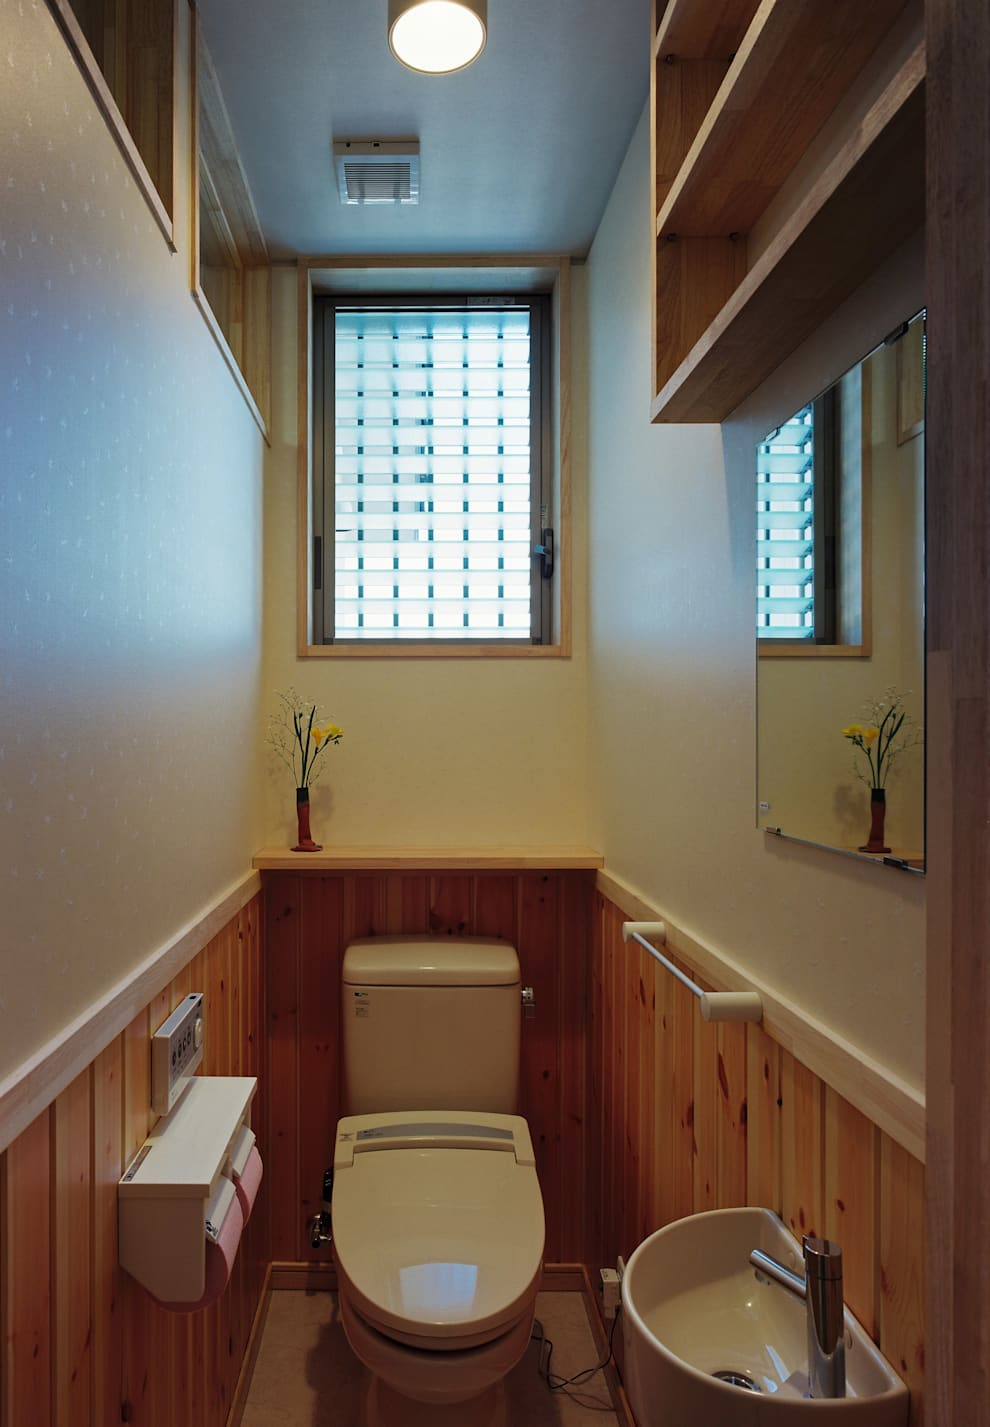 Una casa semplice e minimal - Bagno senza finestra odori ...